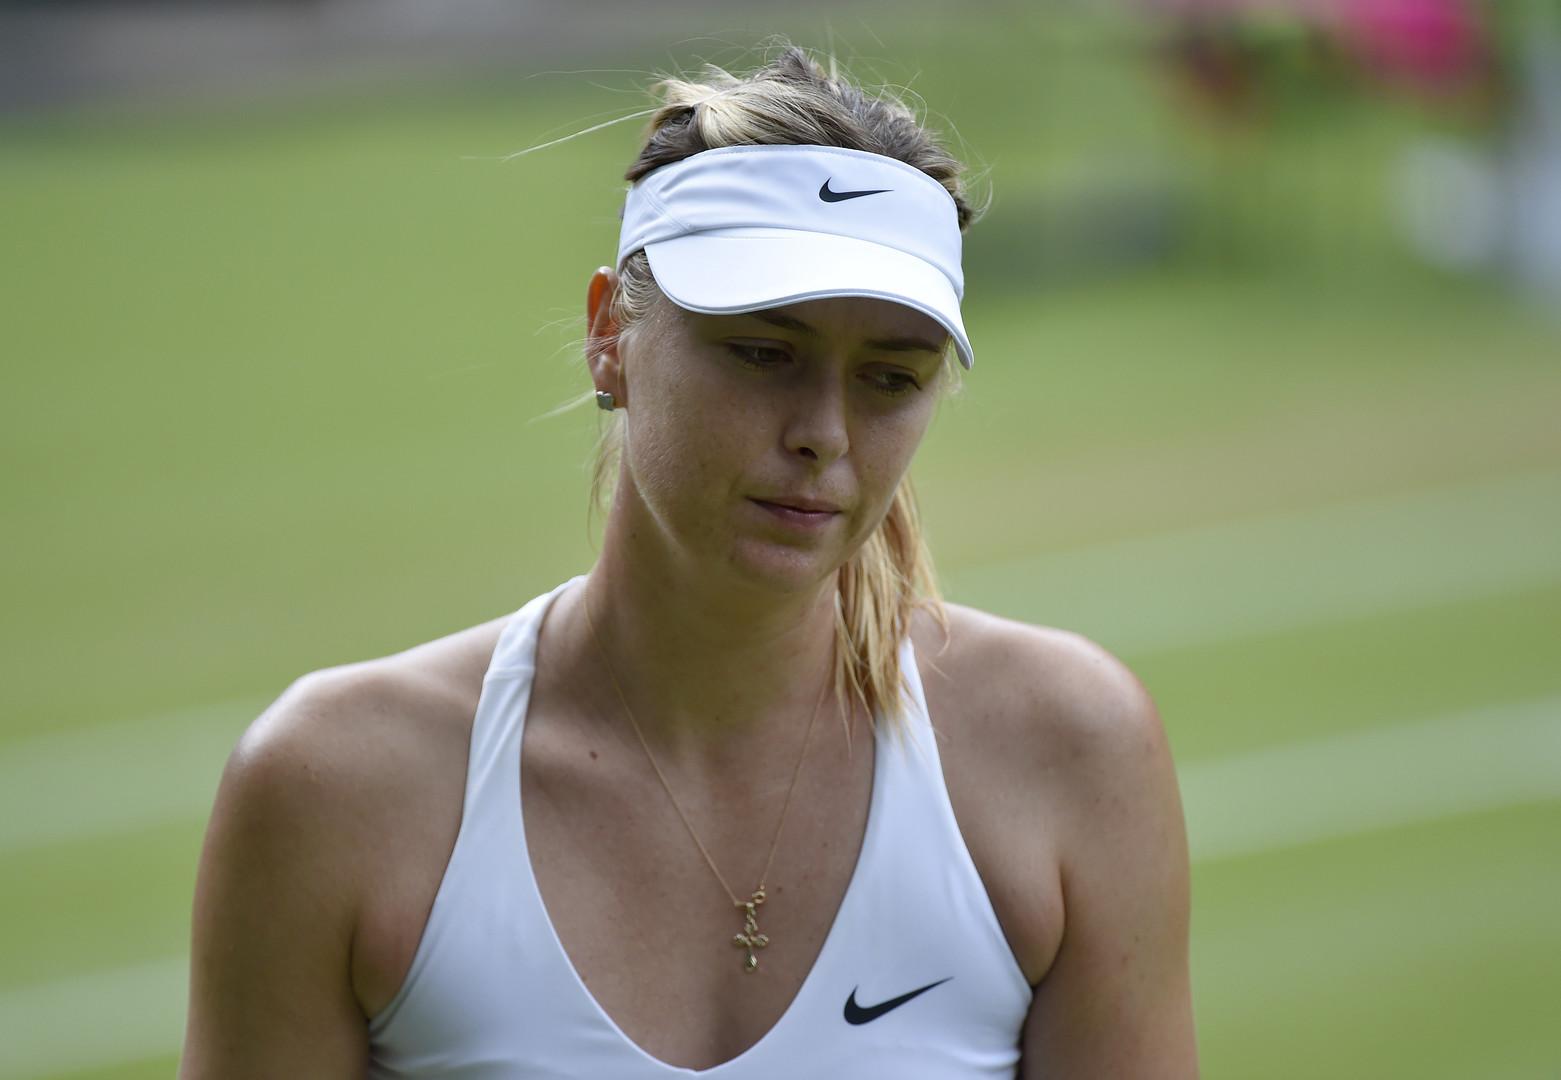 Отсутствие Шараповой, Федерер на пороге рекорда и возвращение Азаренко после декрета: в Лондоне стартует Уимблдон